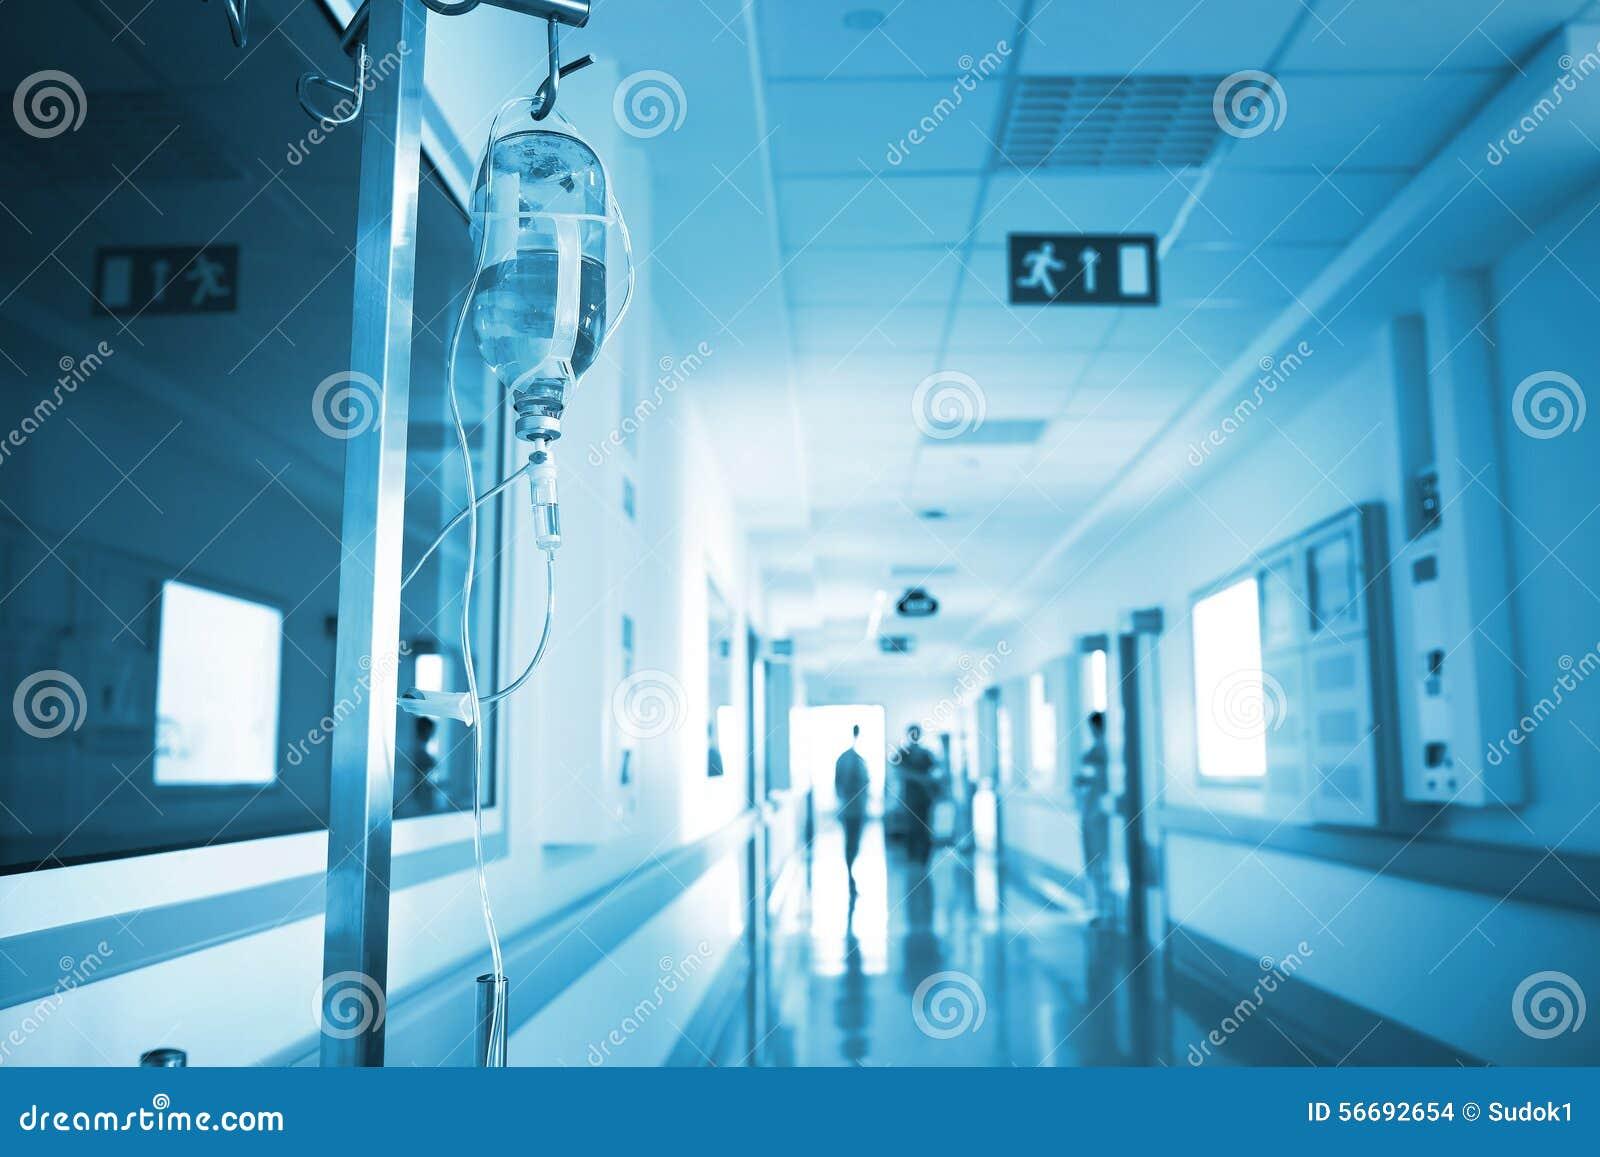 Szpital oczyma pacjenta